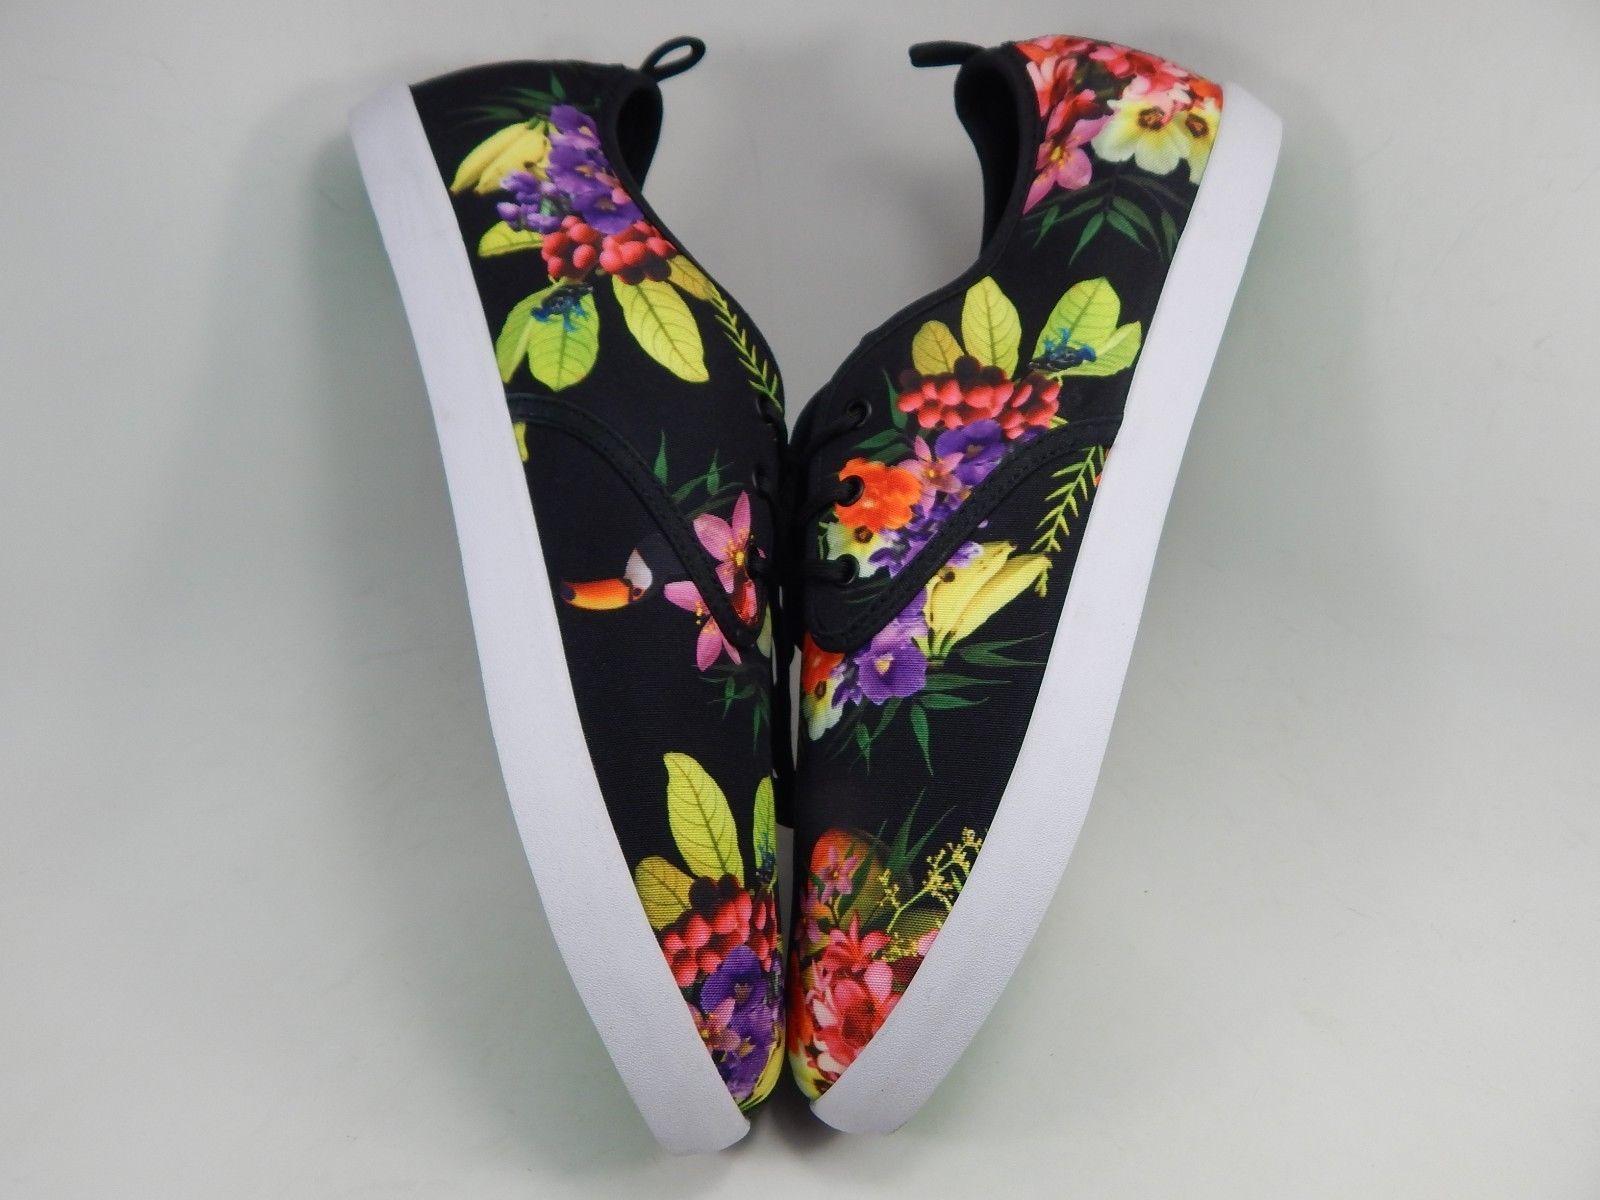 Sanuk Guide Funk Lace Up Men's Casual Shoes Size 8.5 M (D) Black / Amazon Tropic